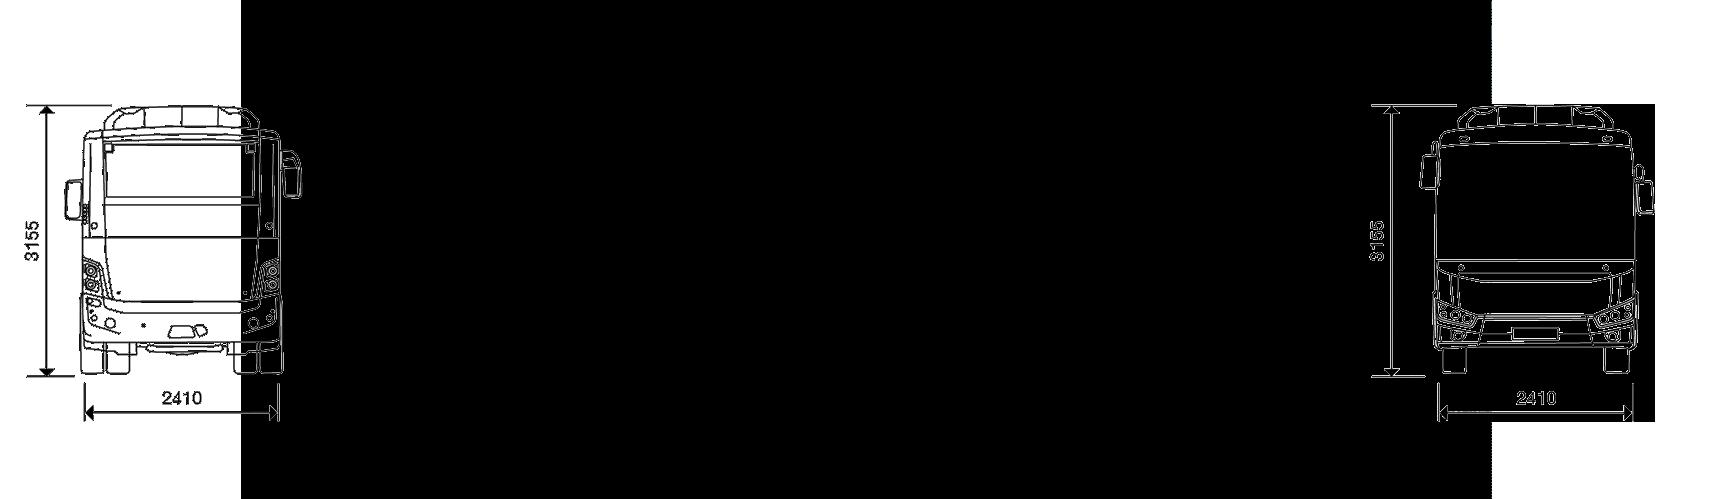 vectio_c_10.1_tech